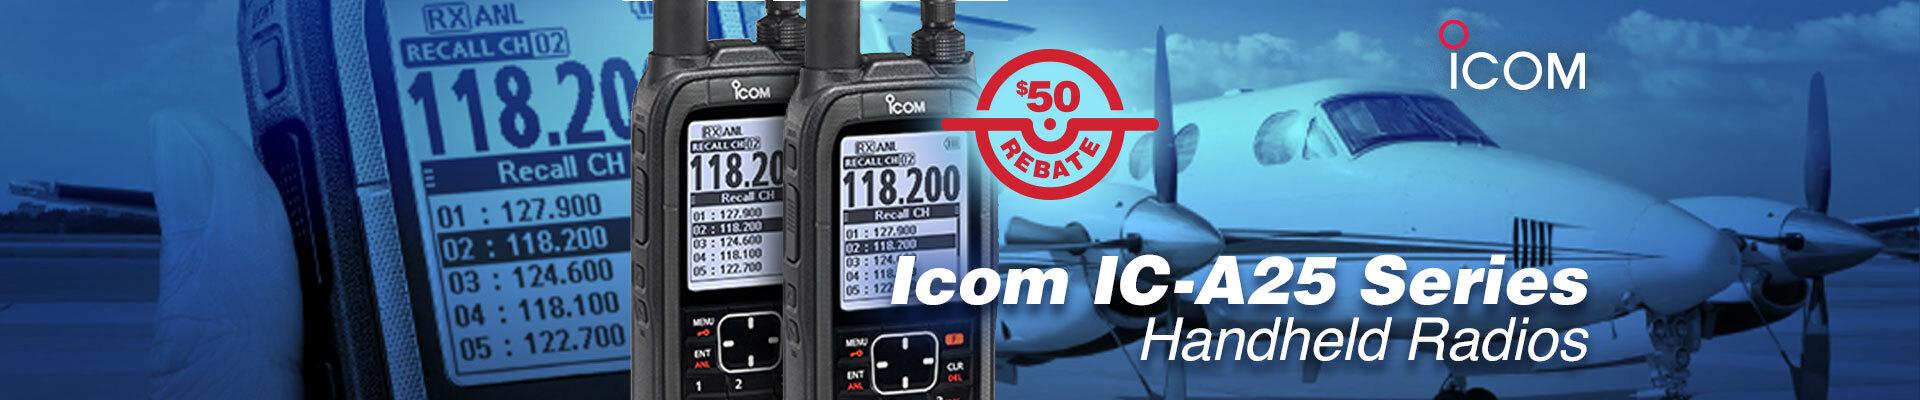 IC-A25 Rebate